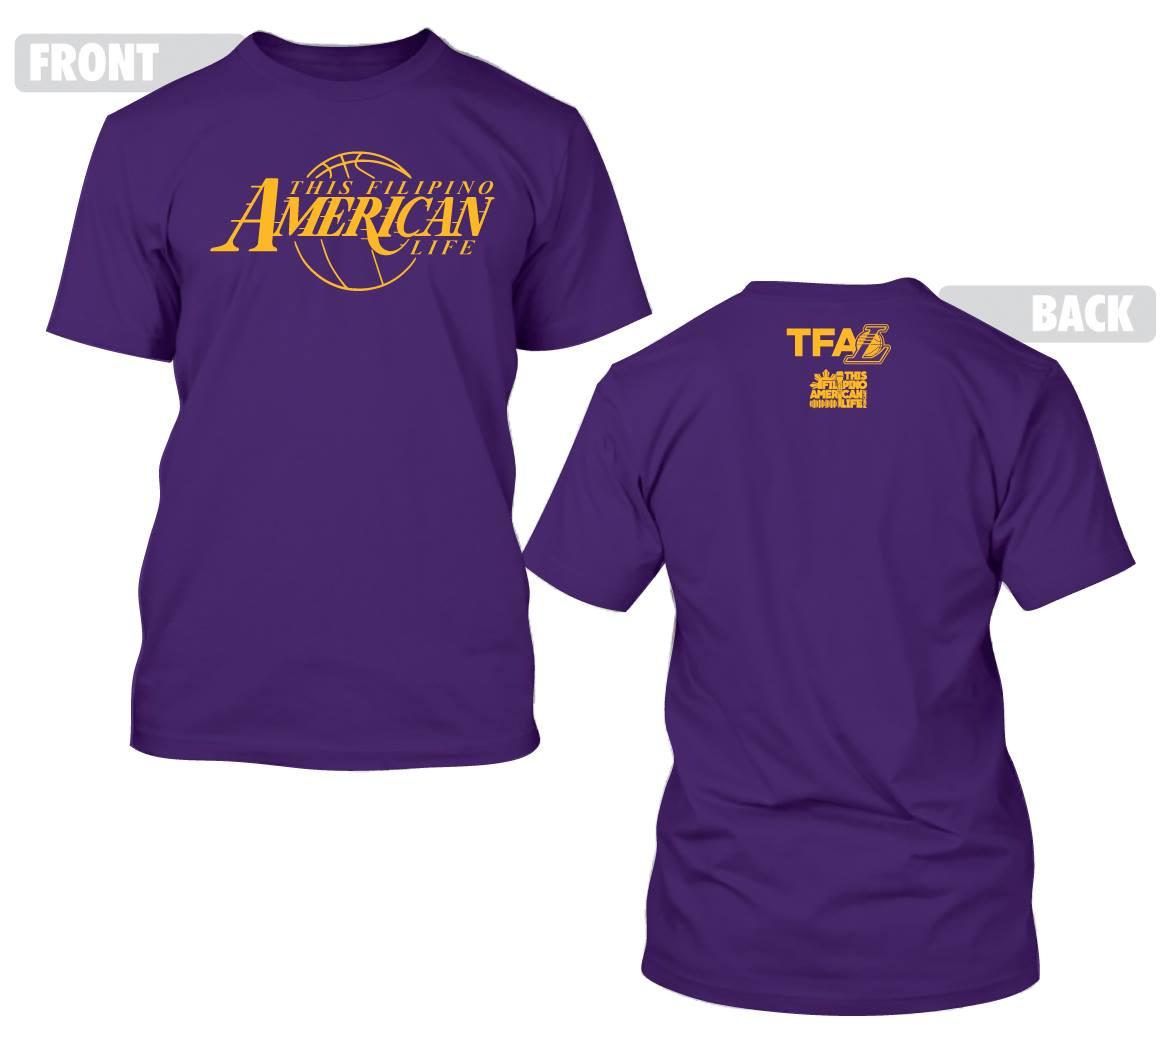 tfal-shirt-2